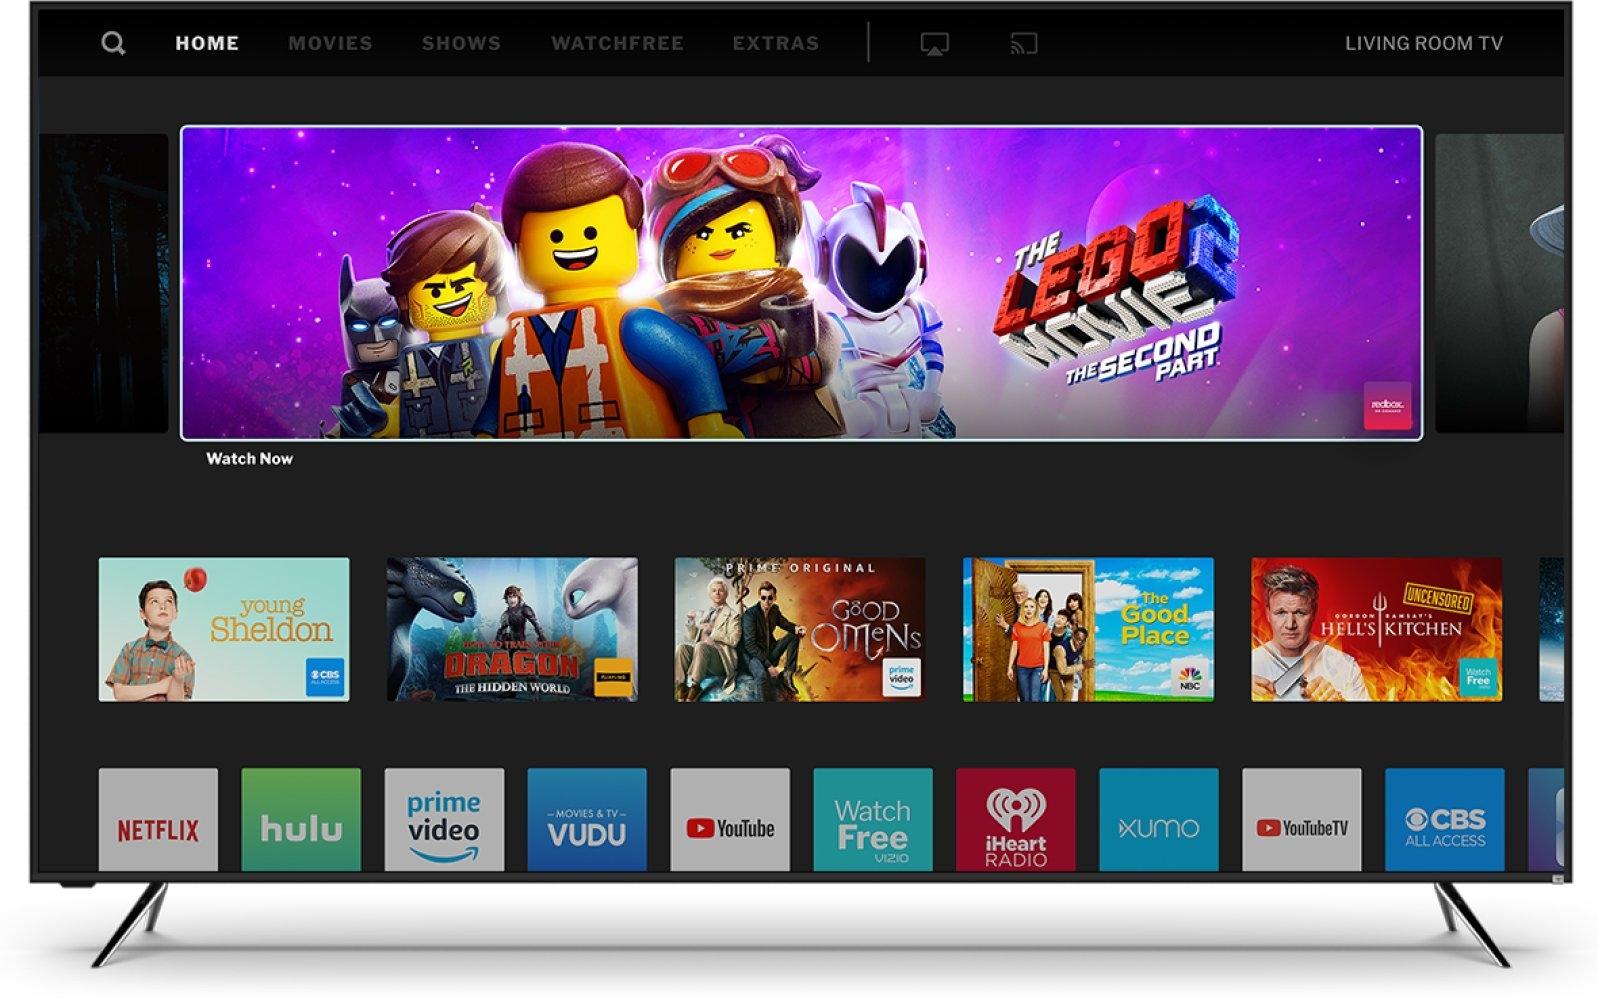 Vizio is updating SmartCast TVs to stream Disney+ via Chromecast   DeviceDaily.com